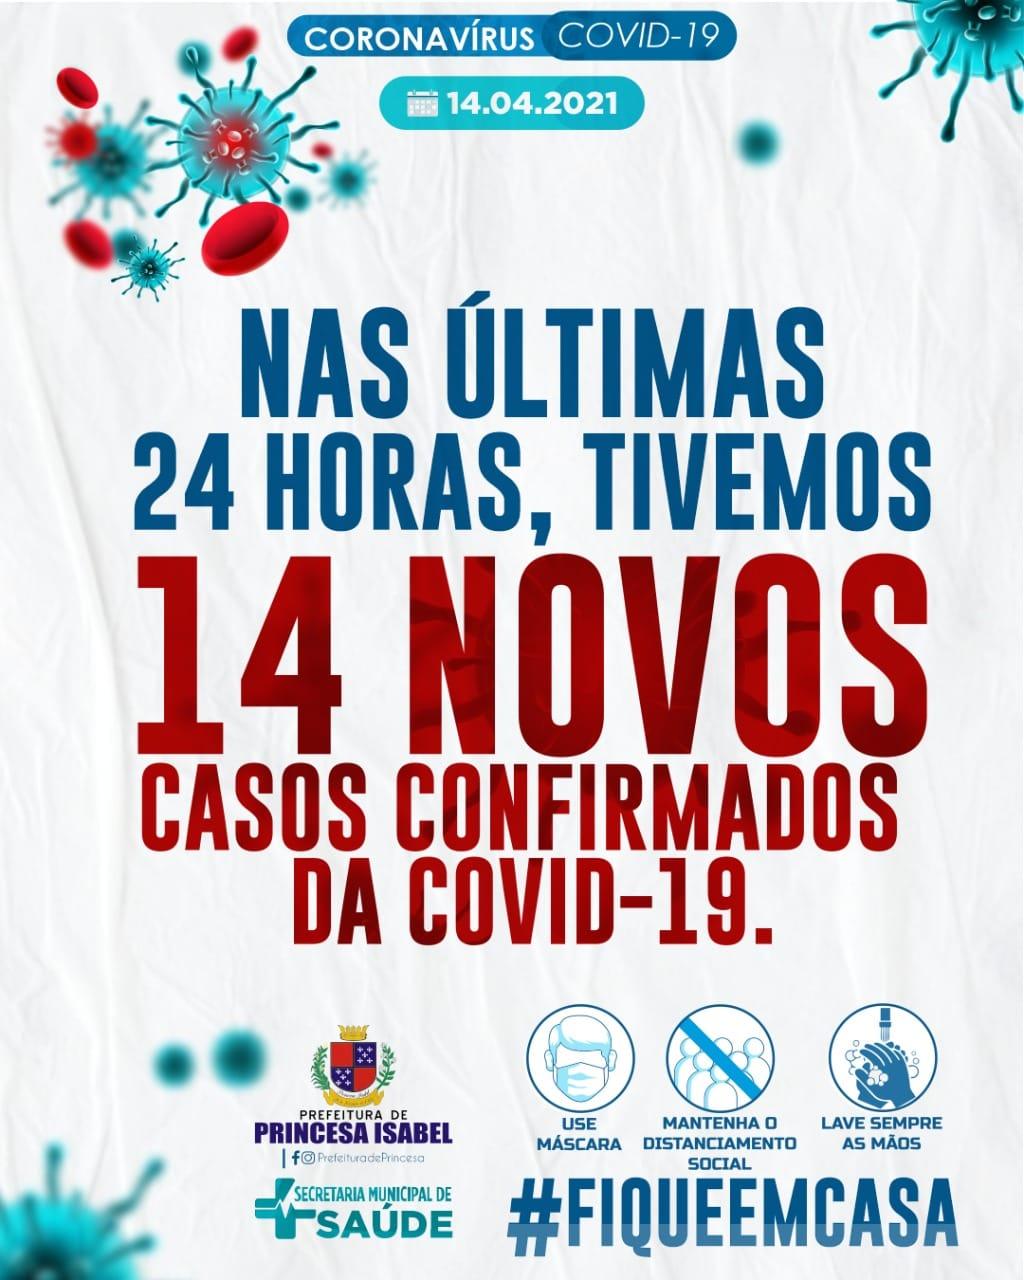 NAS ÚLTIMAS 24 HORAS, TIVEMOS 14 NOVOS CASOS CONFIRMADOS DA COVID-19.